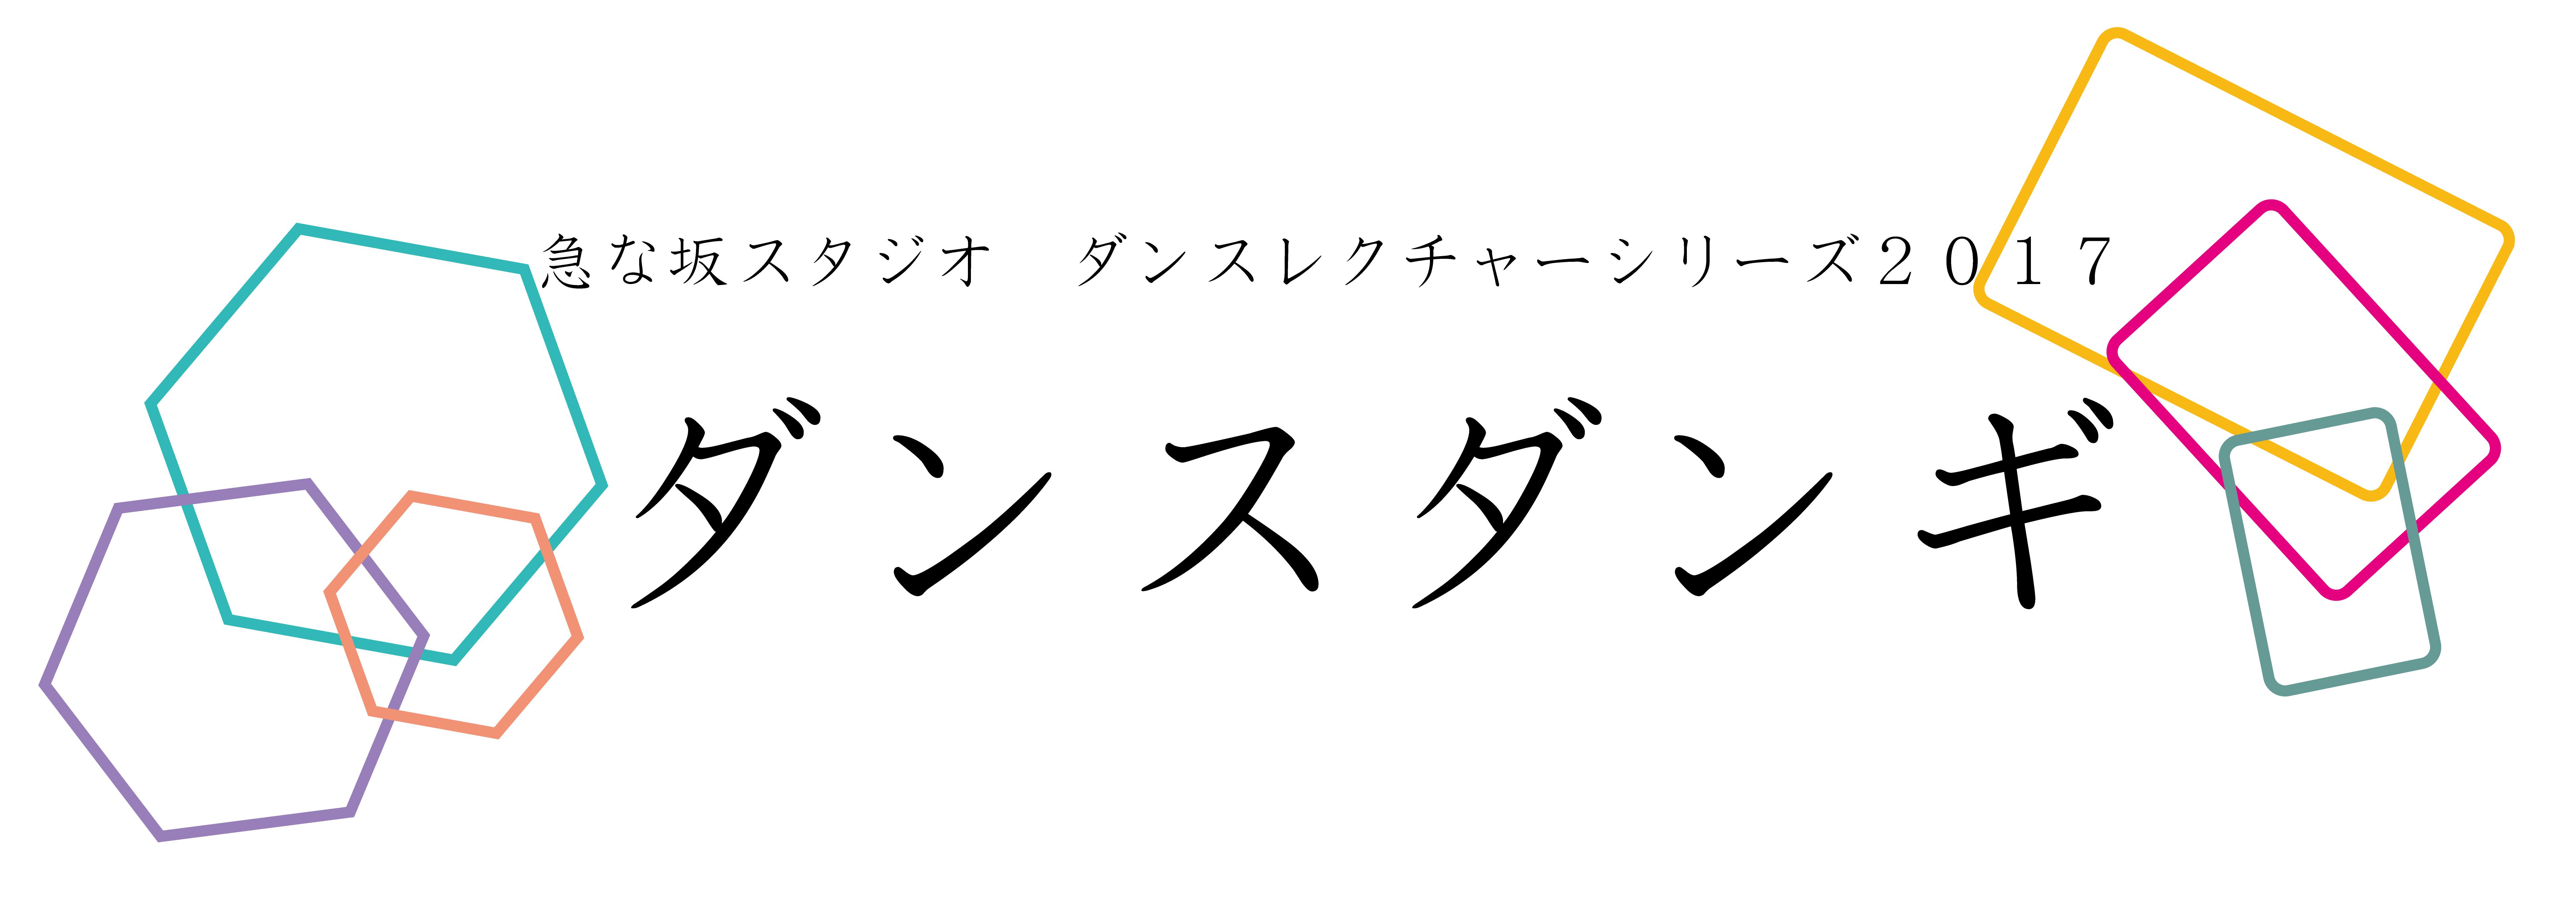 ダンスダンギeye-01